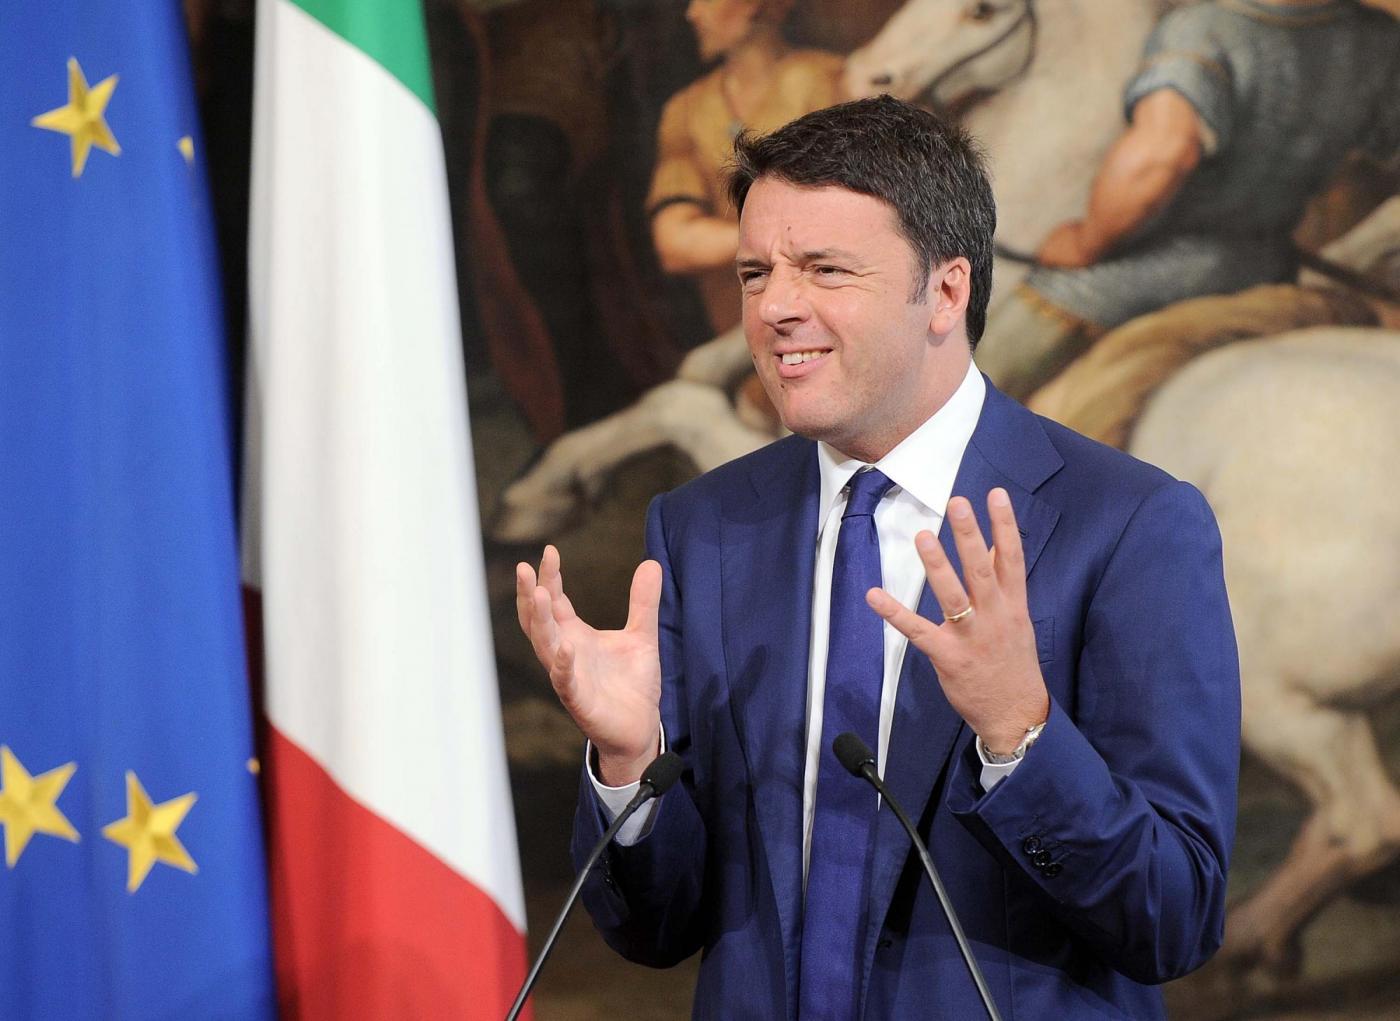 Matteo Renzi intercettato: tutti gli scheletri nell'armadio del Premier